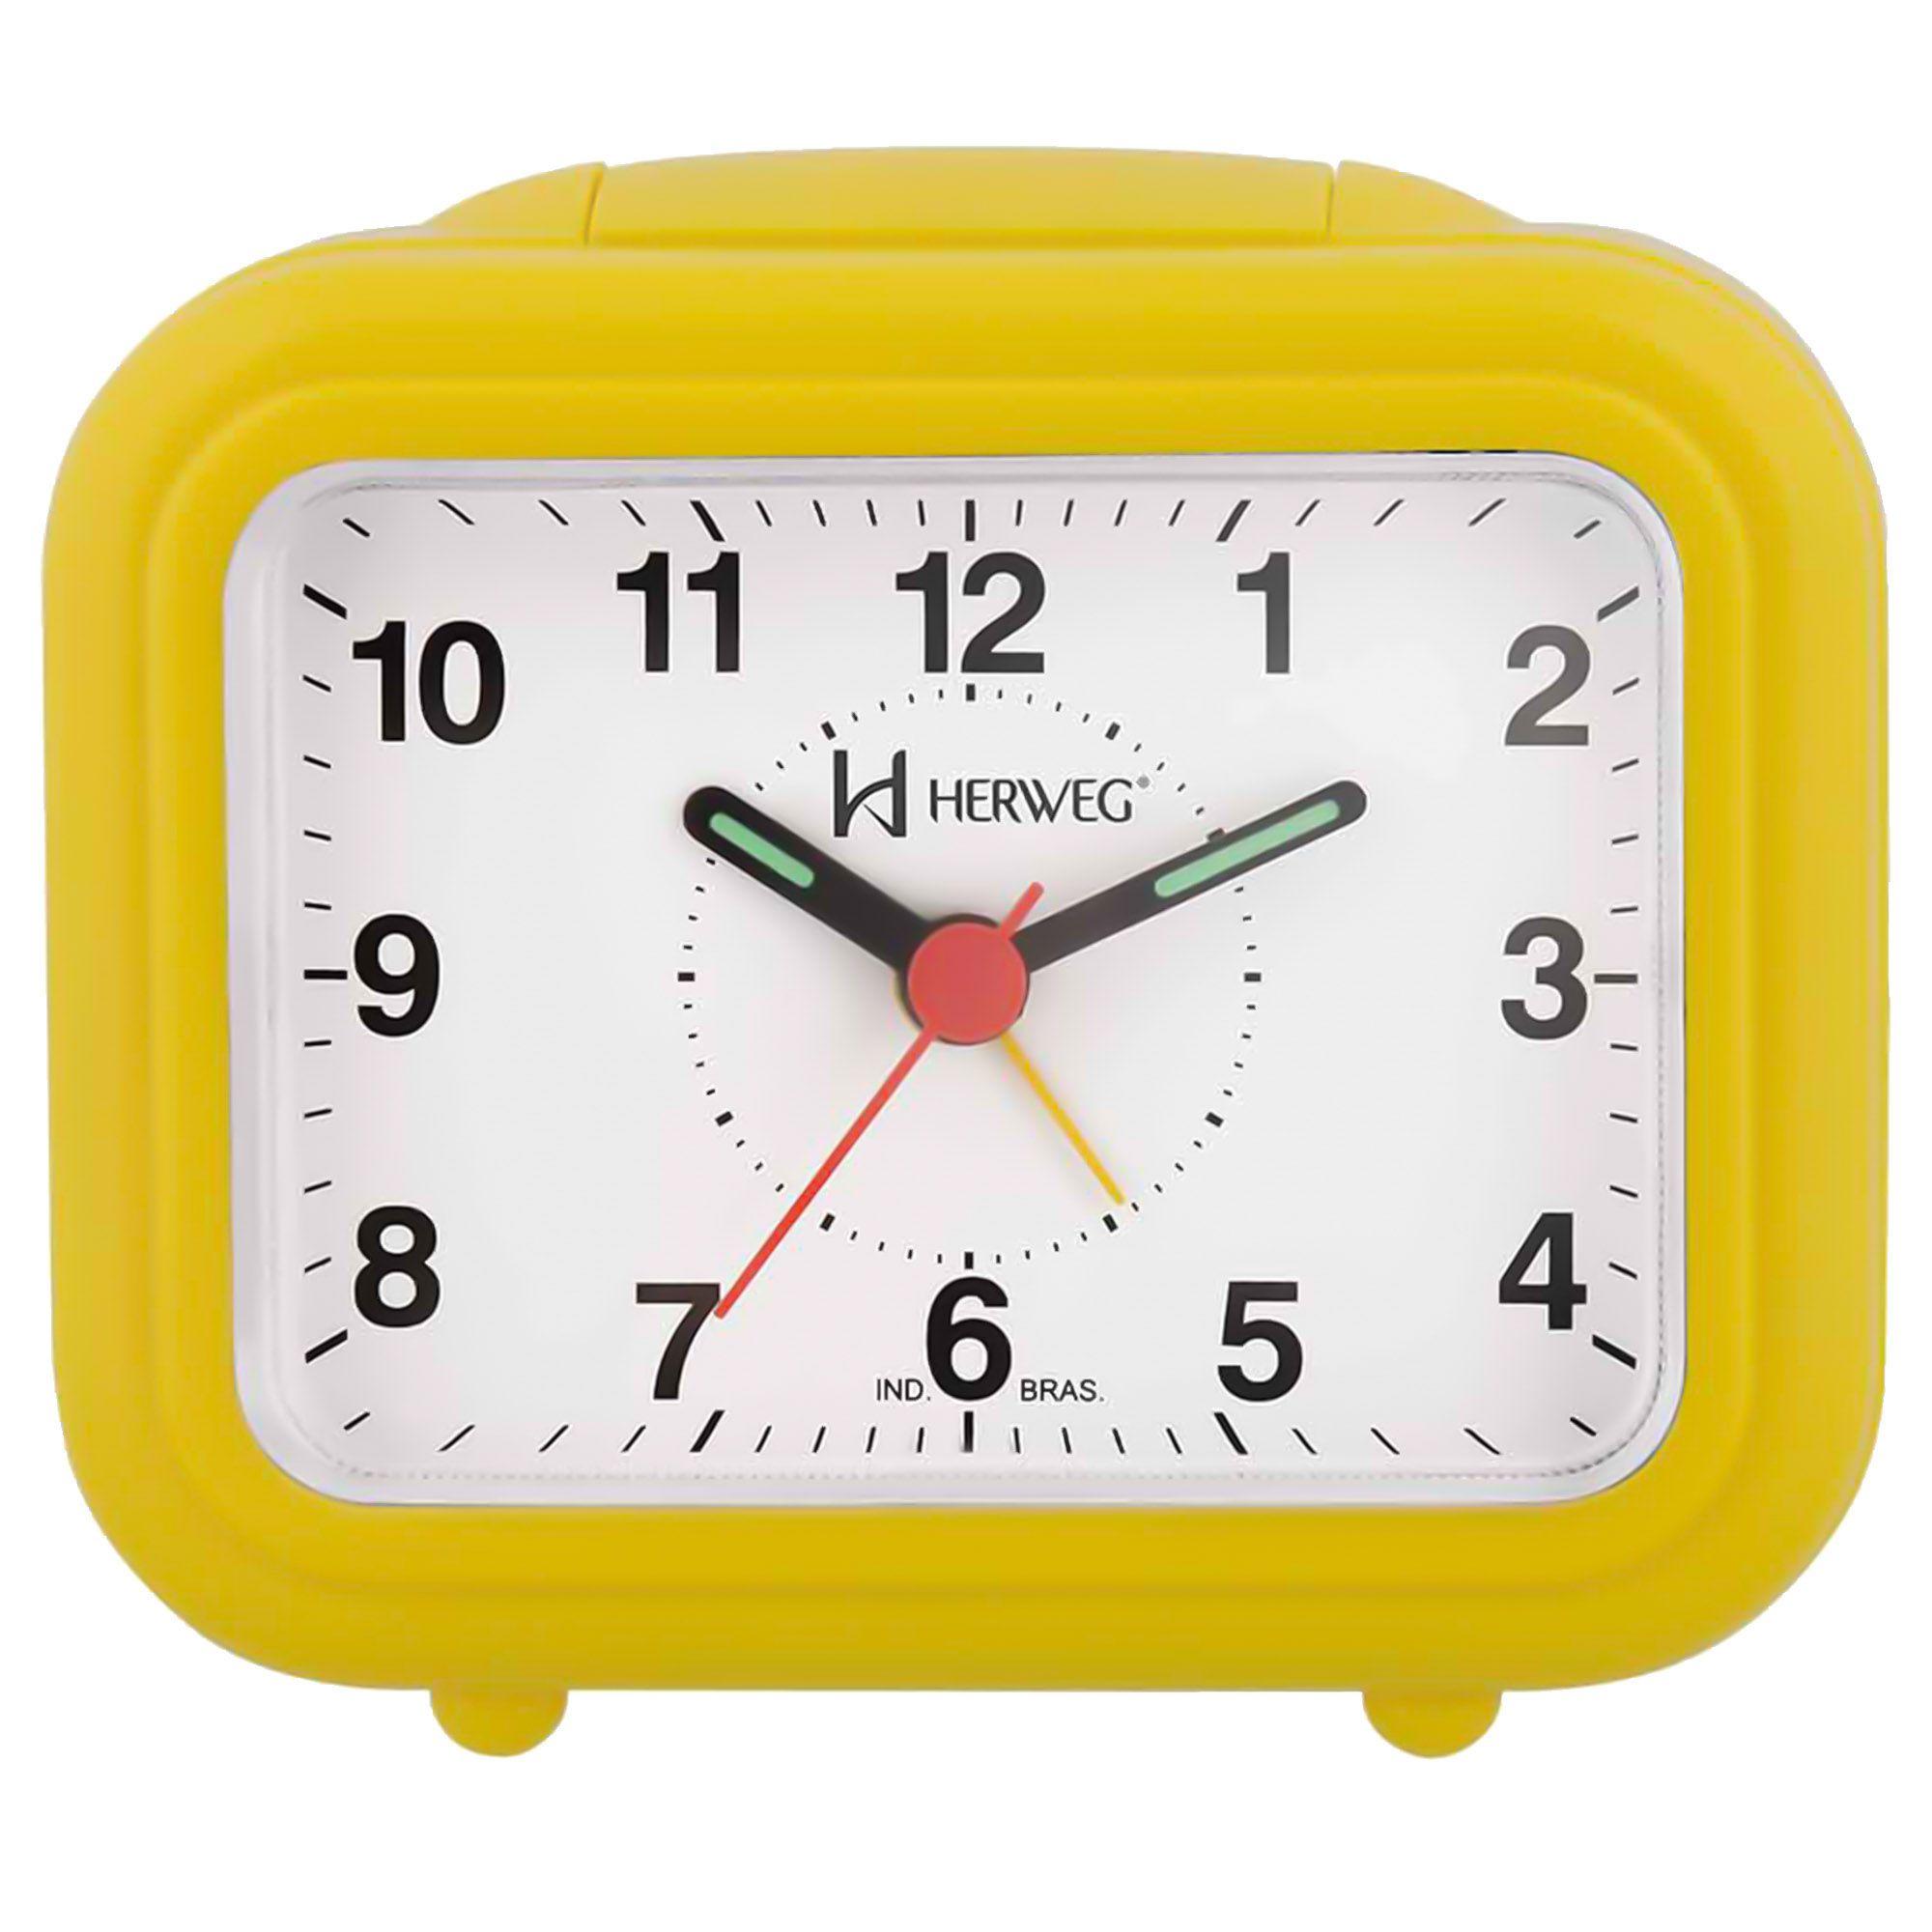 Despertador Analógico Quartzo Herweg 2630 268 Amarelo Pantone